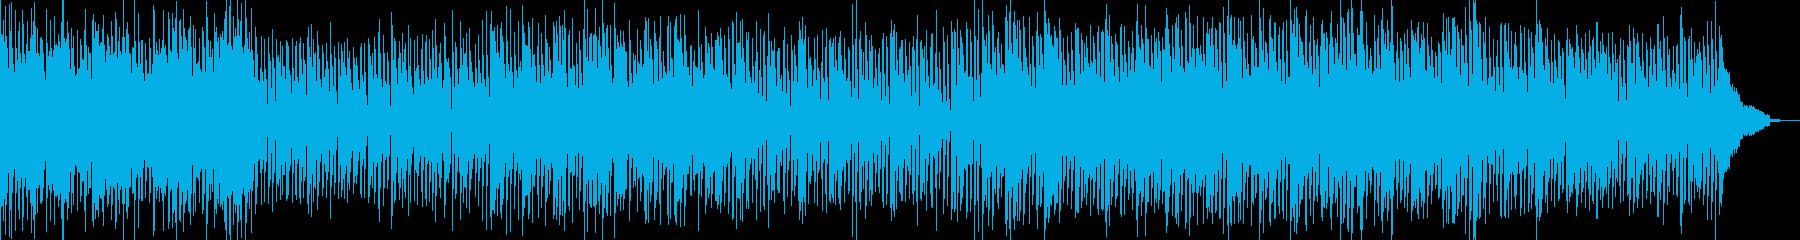 陽気でポップなポップロックインスト...の再生済みの波形